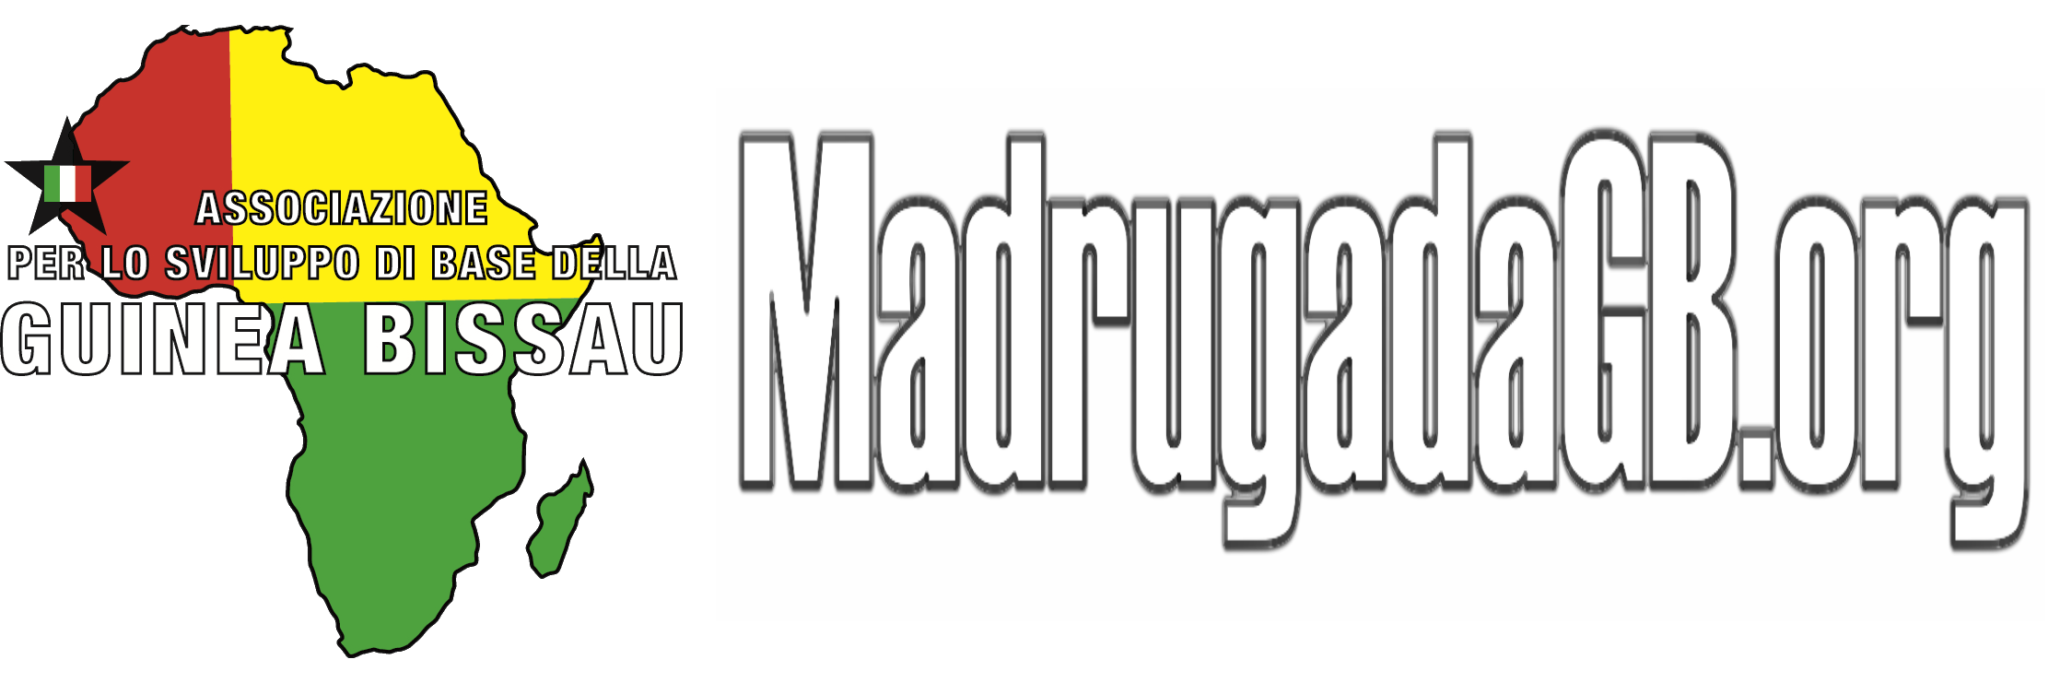 MadrugadaGB.org